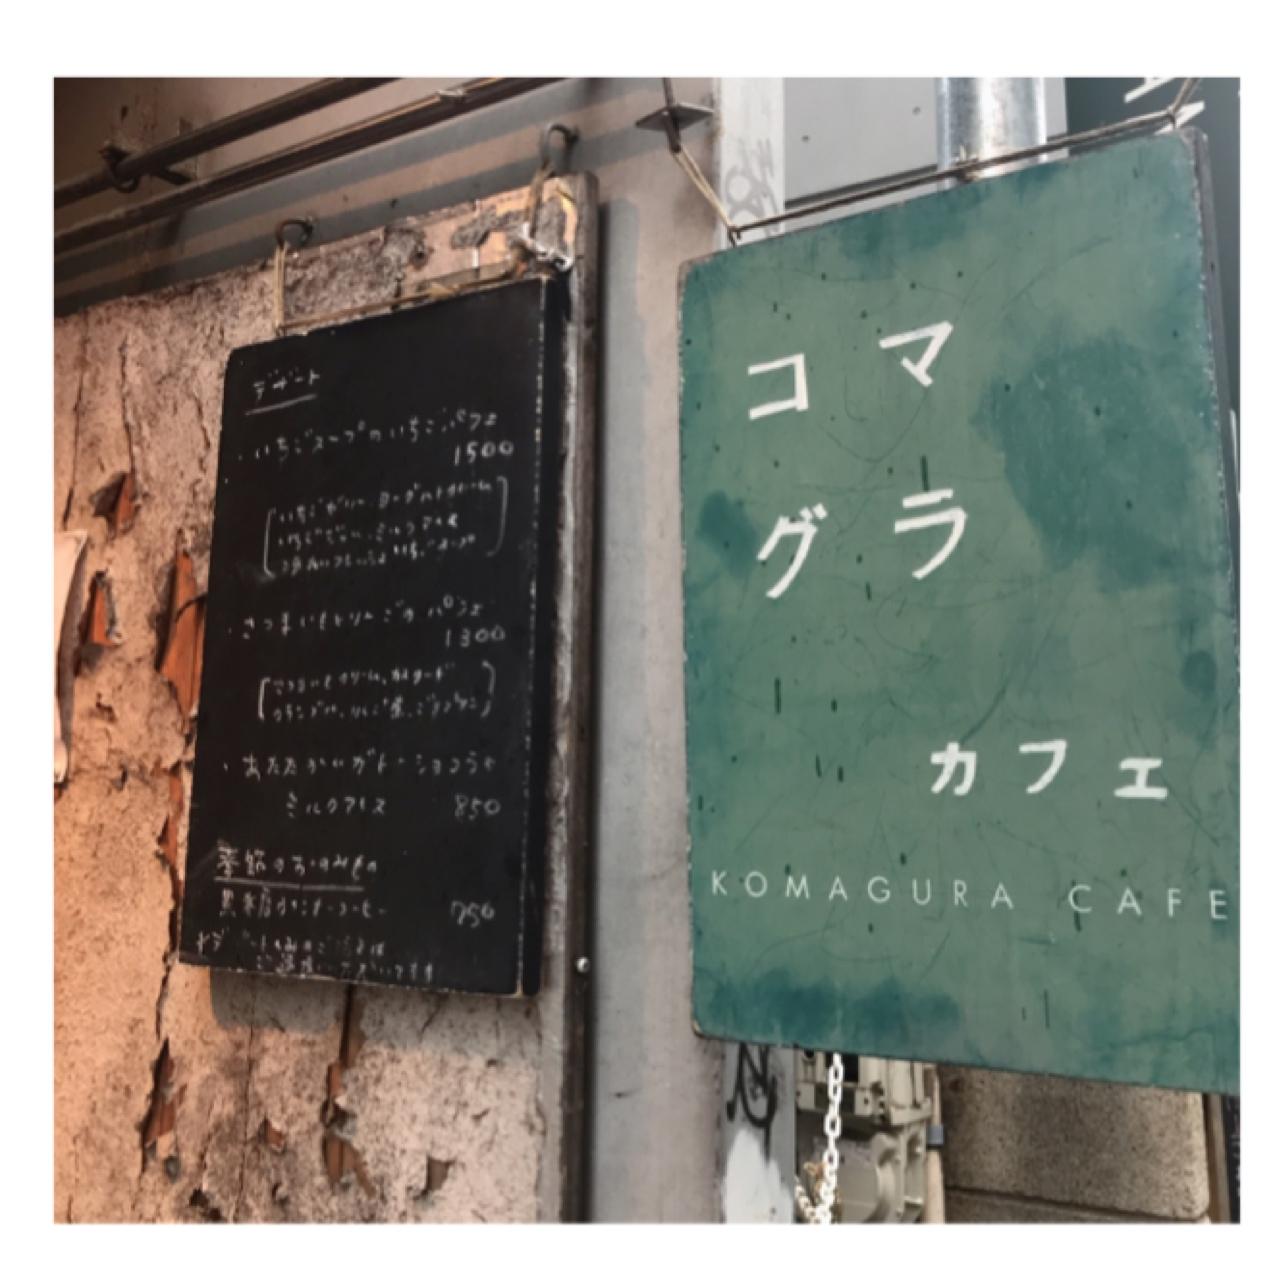 【梨々カフェ部】吉祥寺カフェ-コマグラカフェ-_4